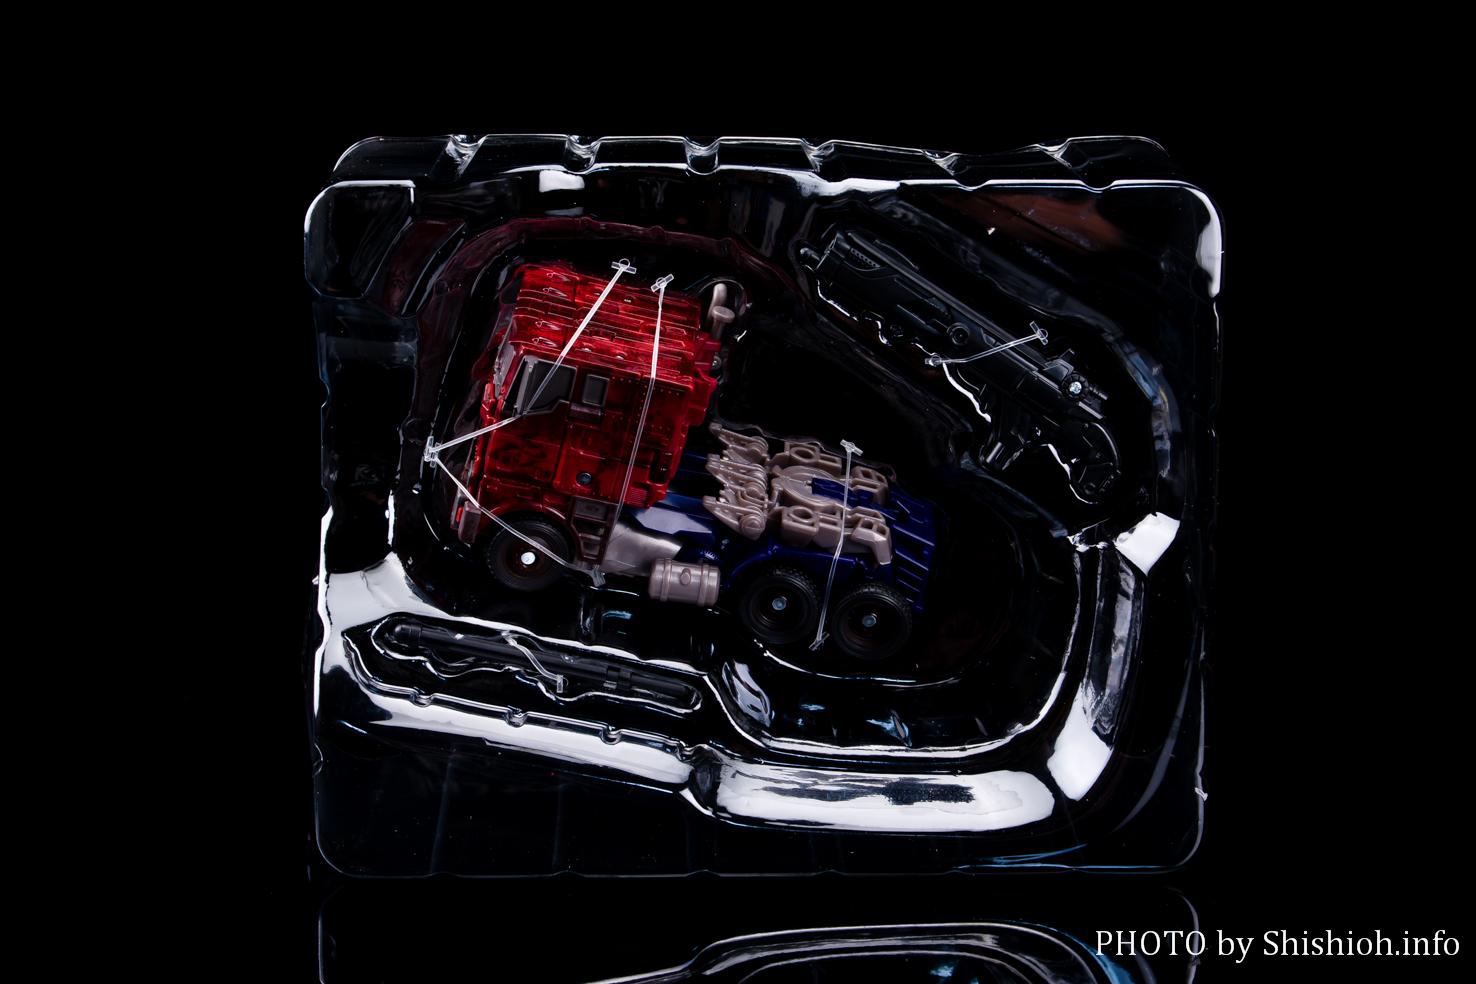 トランスフォーマー ムービー ザ ベスト MB-01 オプティマスプライム